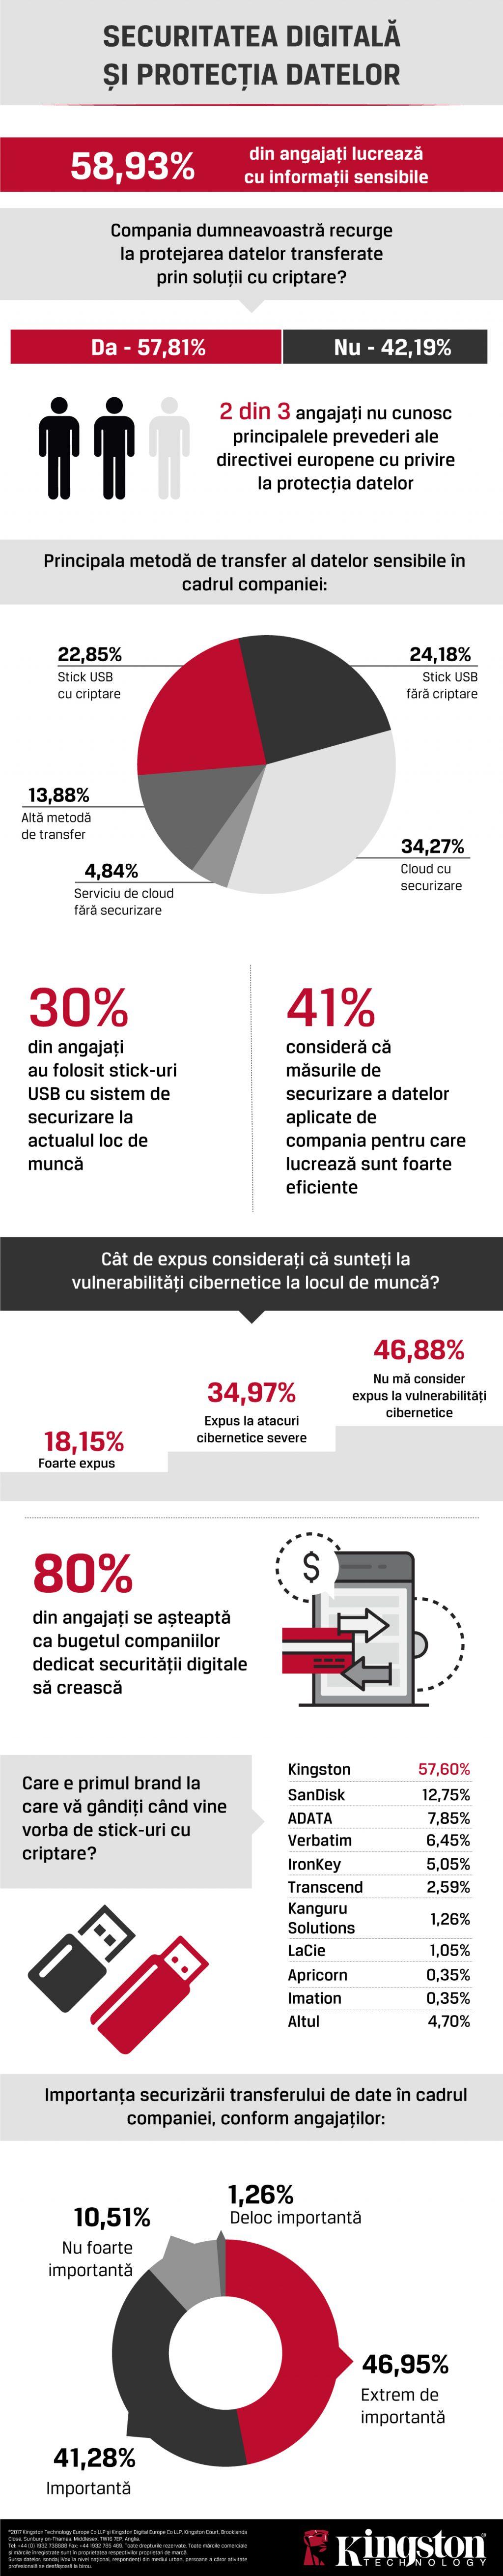 Studiu Kingston: Peste jumătate din angajații români se consideră expuși la vulnerabilitățile cibernetice, la locul de muncă